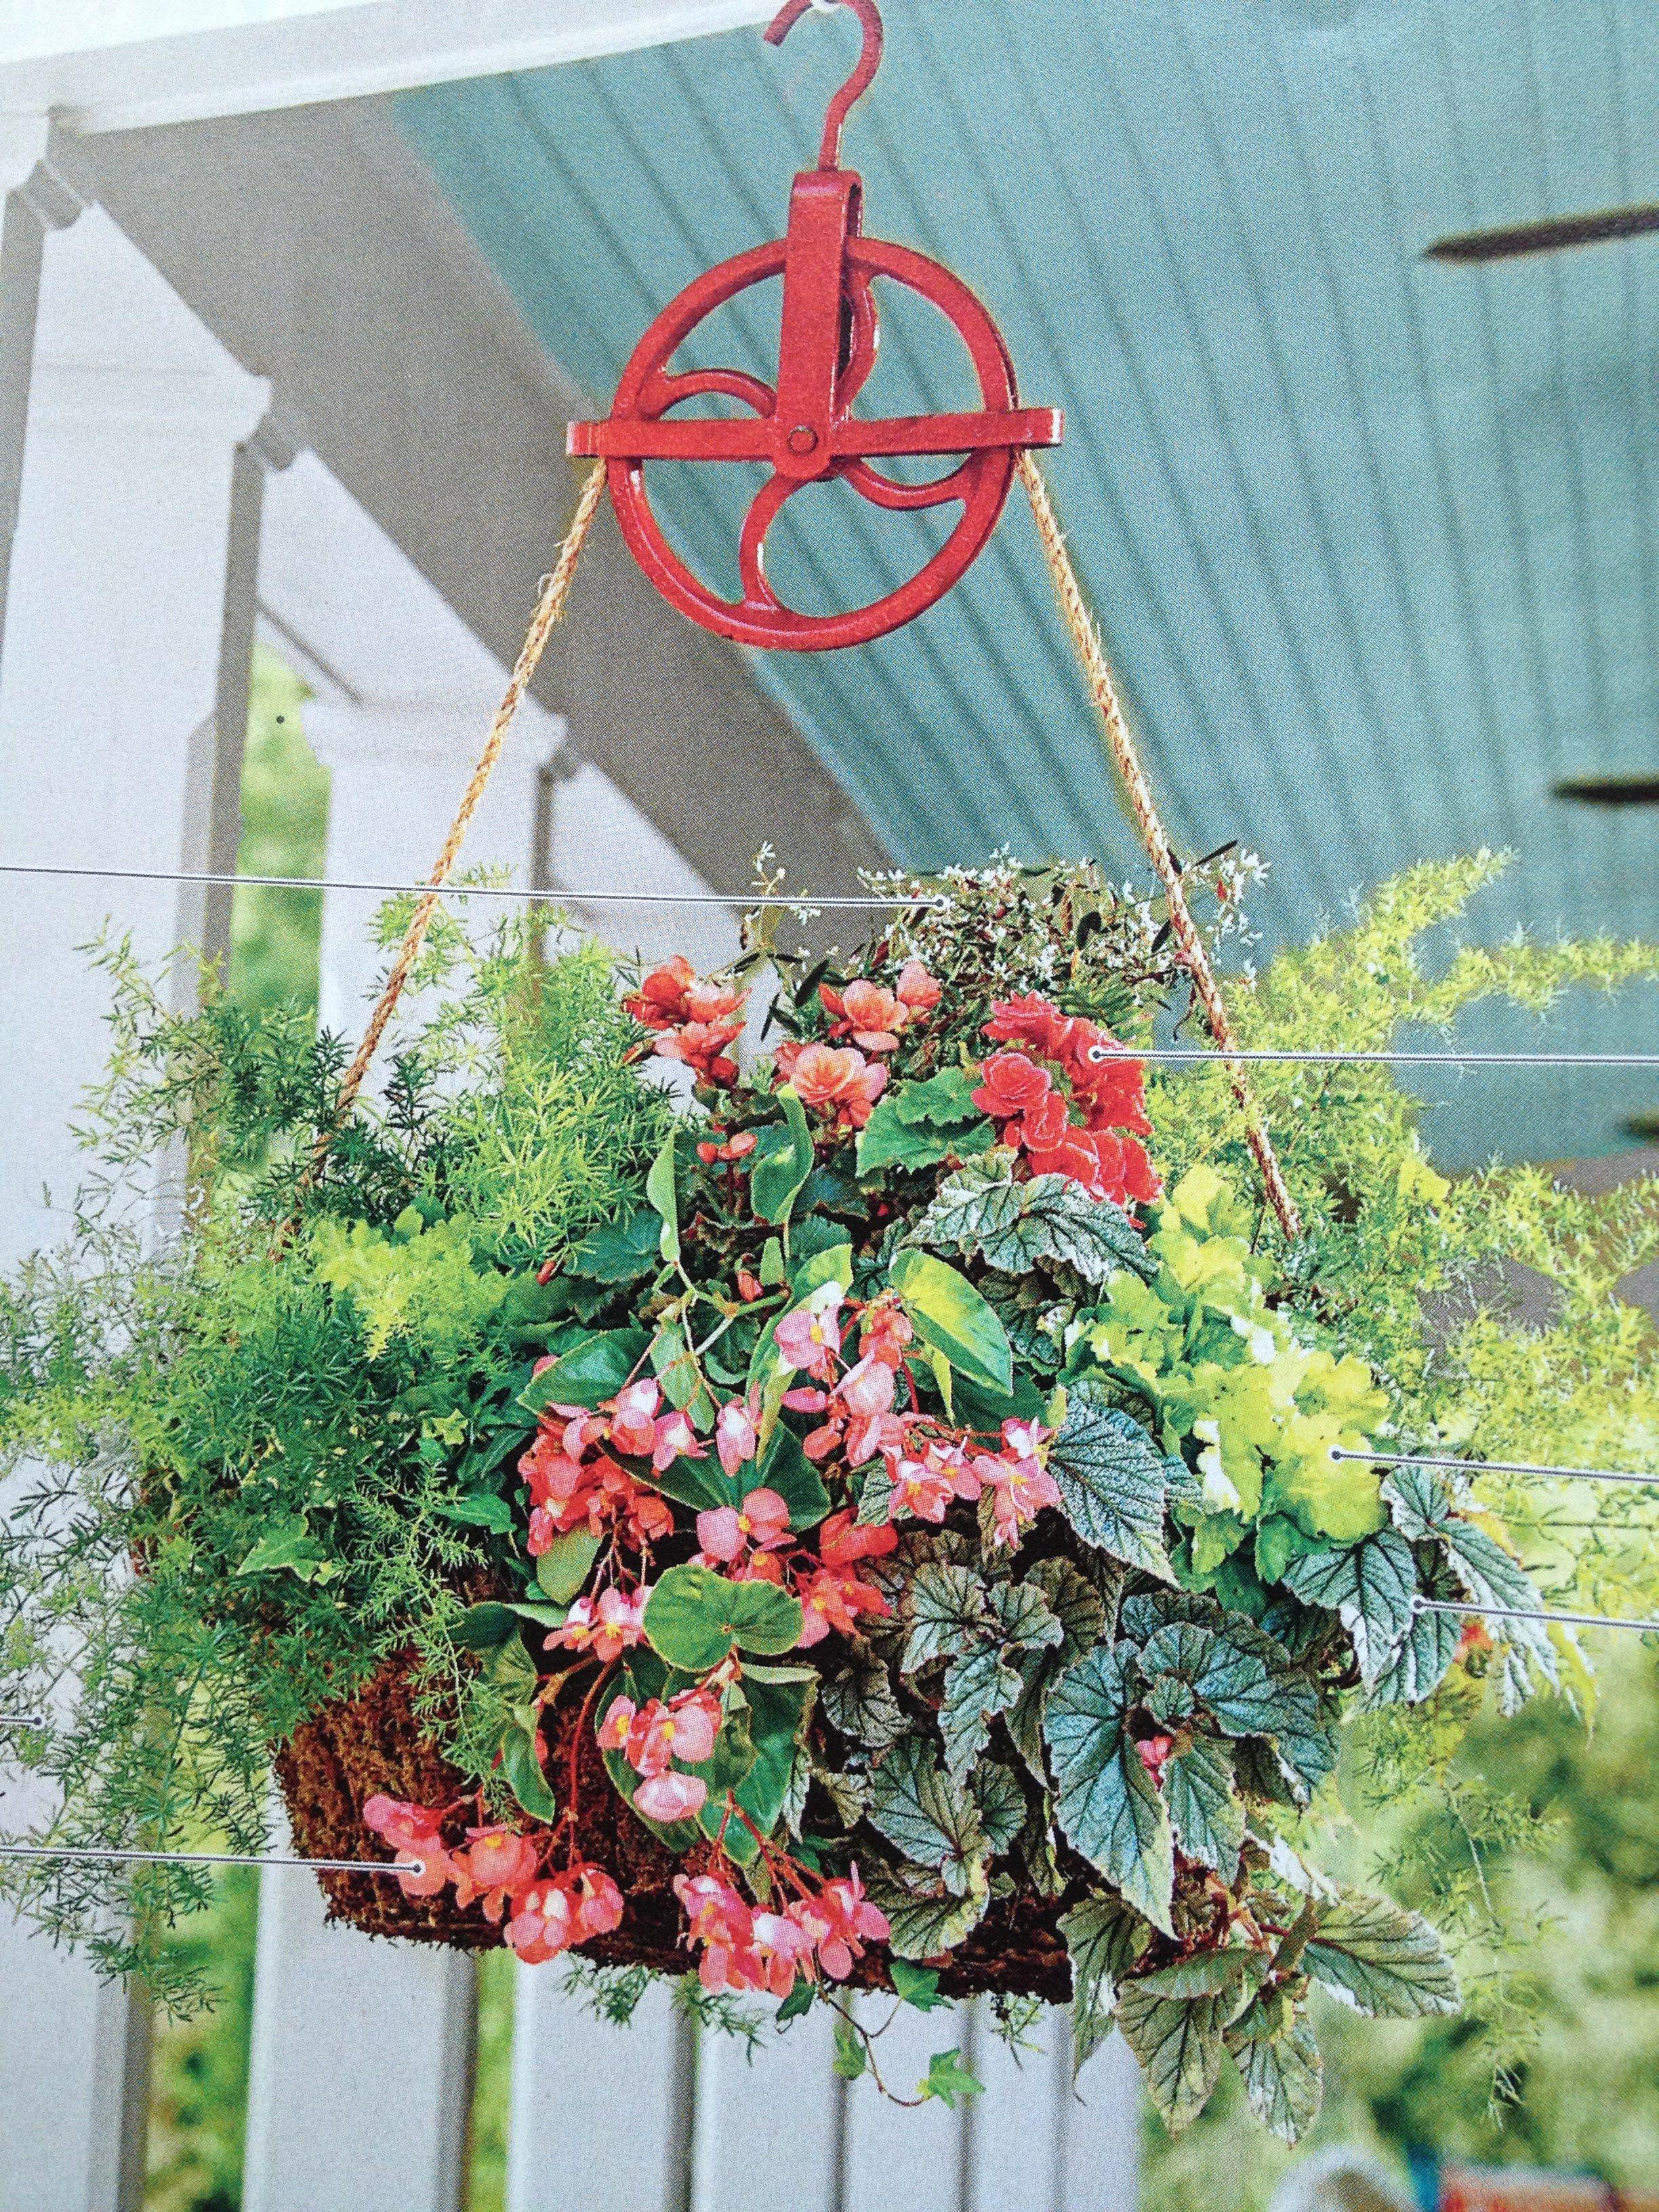 Como hacer un jardin bonito y barato cheap great muebles de palet reciclados muebles de jardin - Como hacer un jardin bonito y barato ...